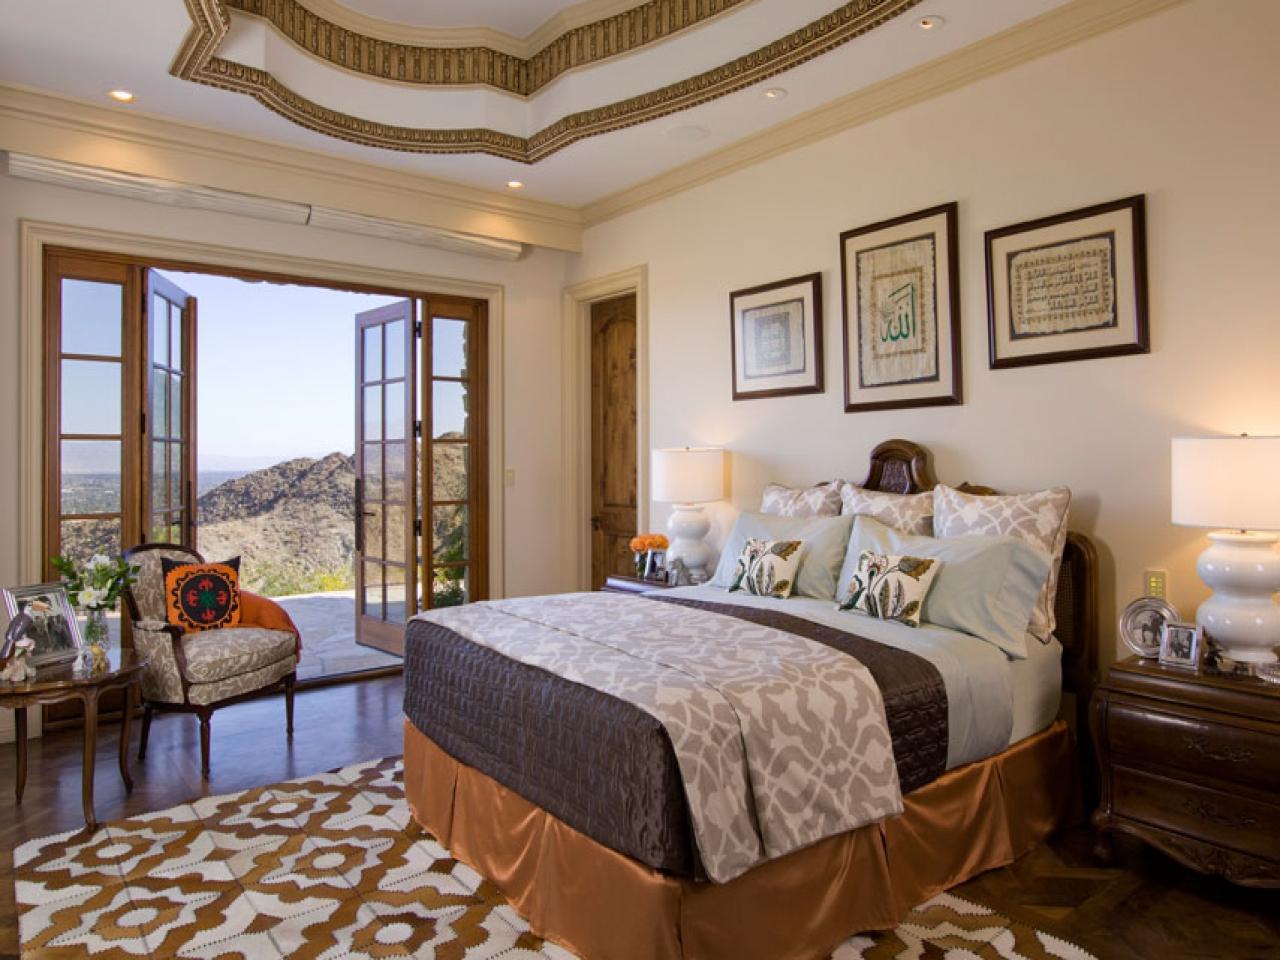 Картины над кроватью в спальне в стиле этно